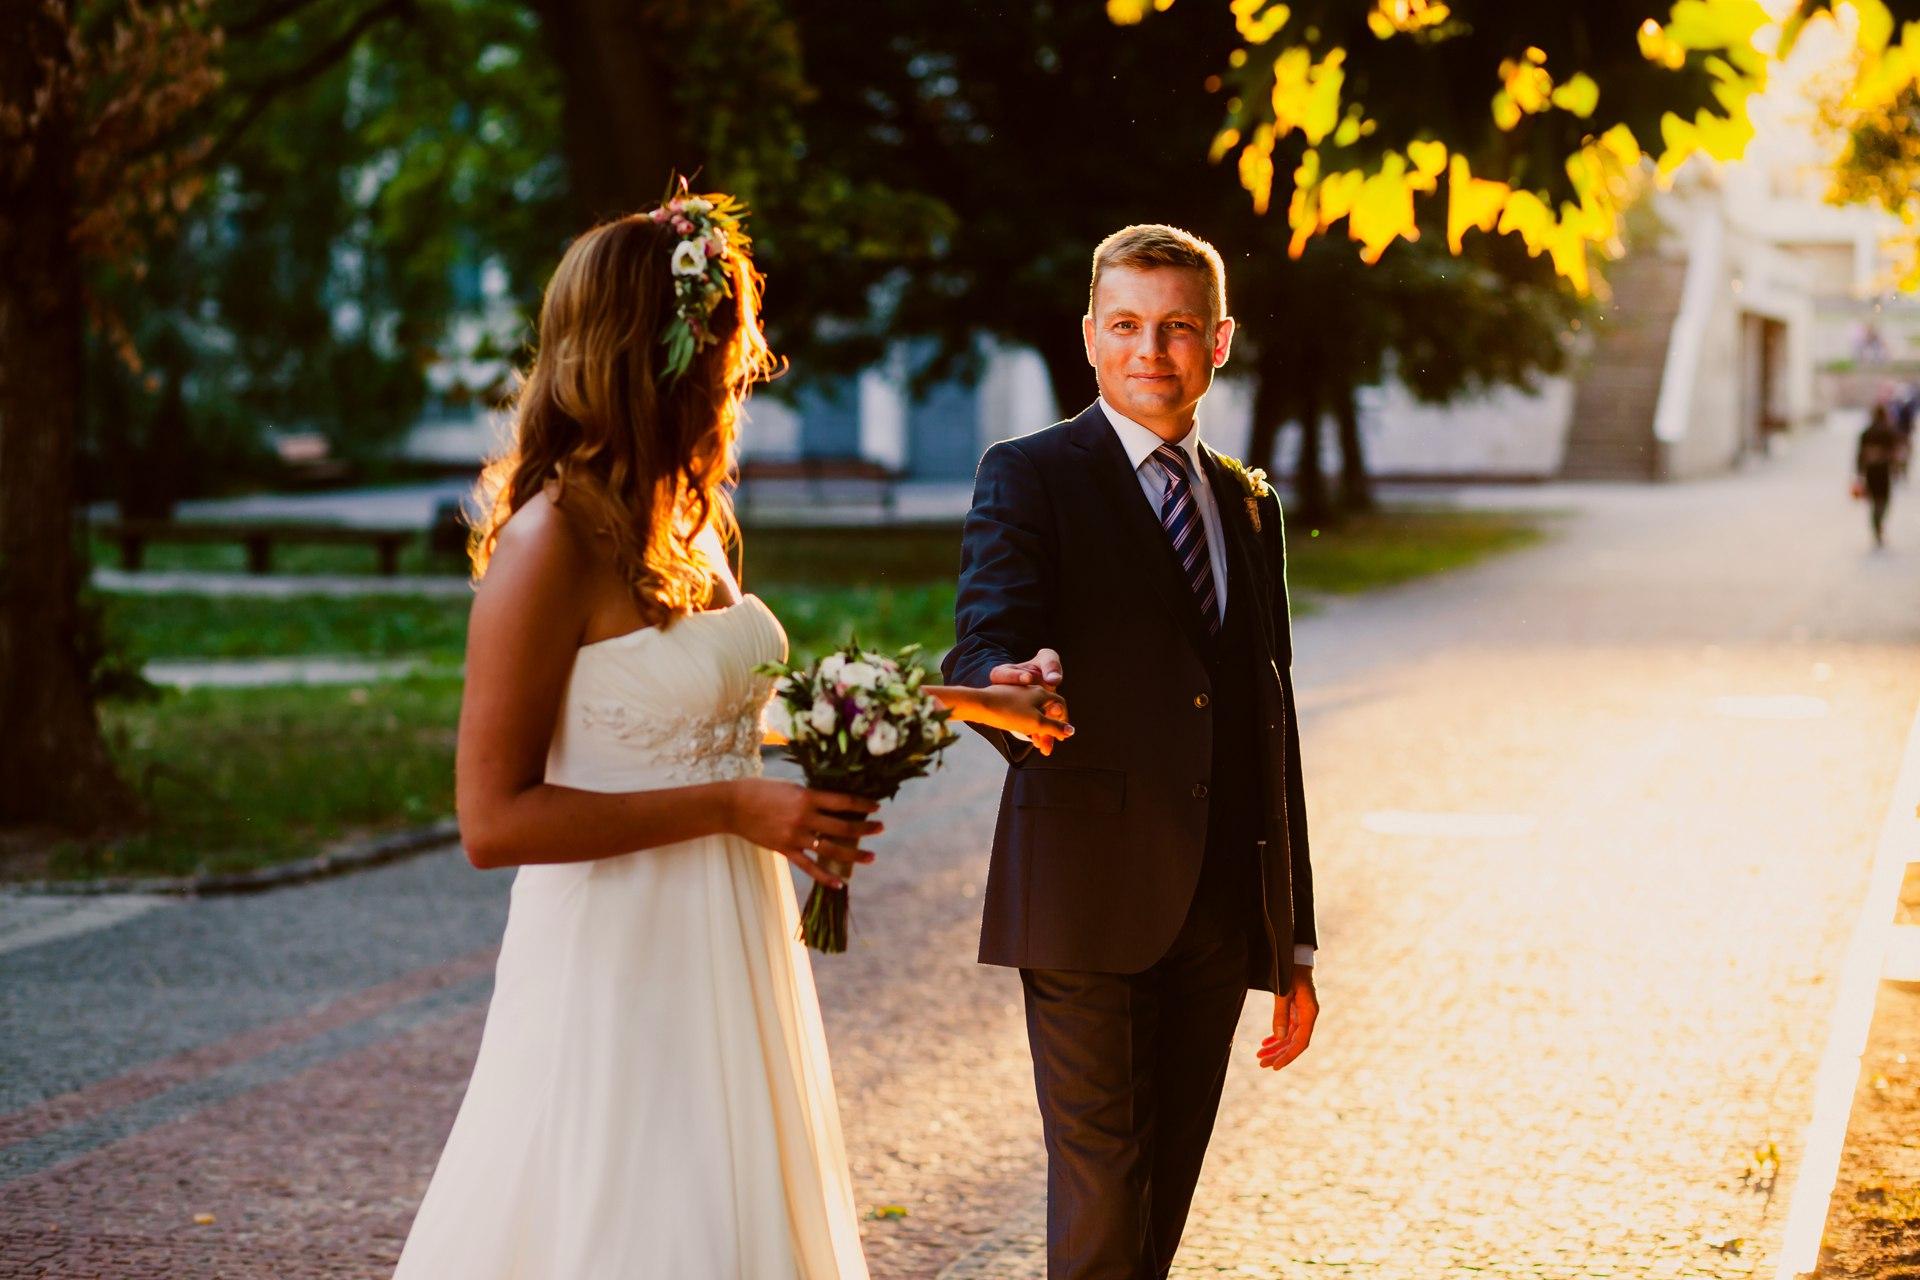 zq3cAgaYhq8 - 10 правил спокойной невесты